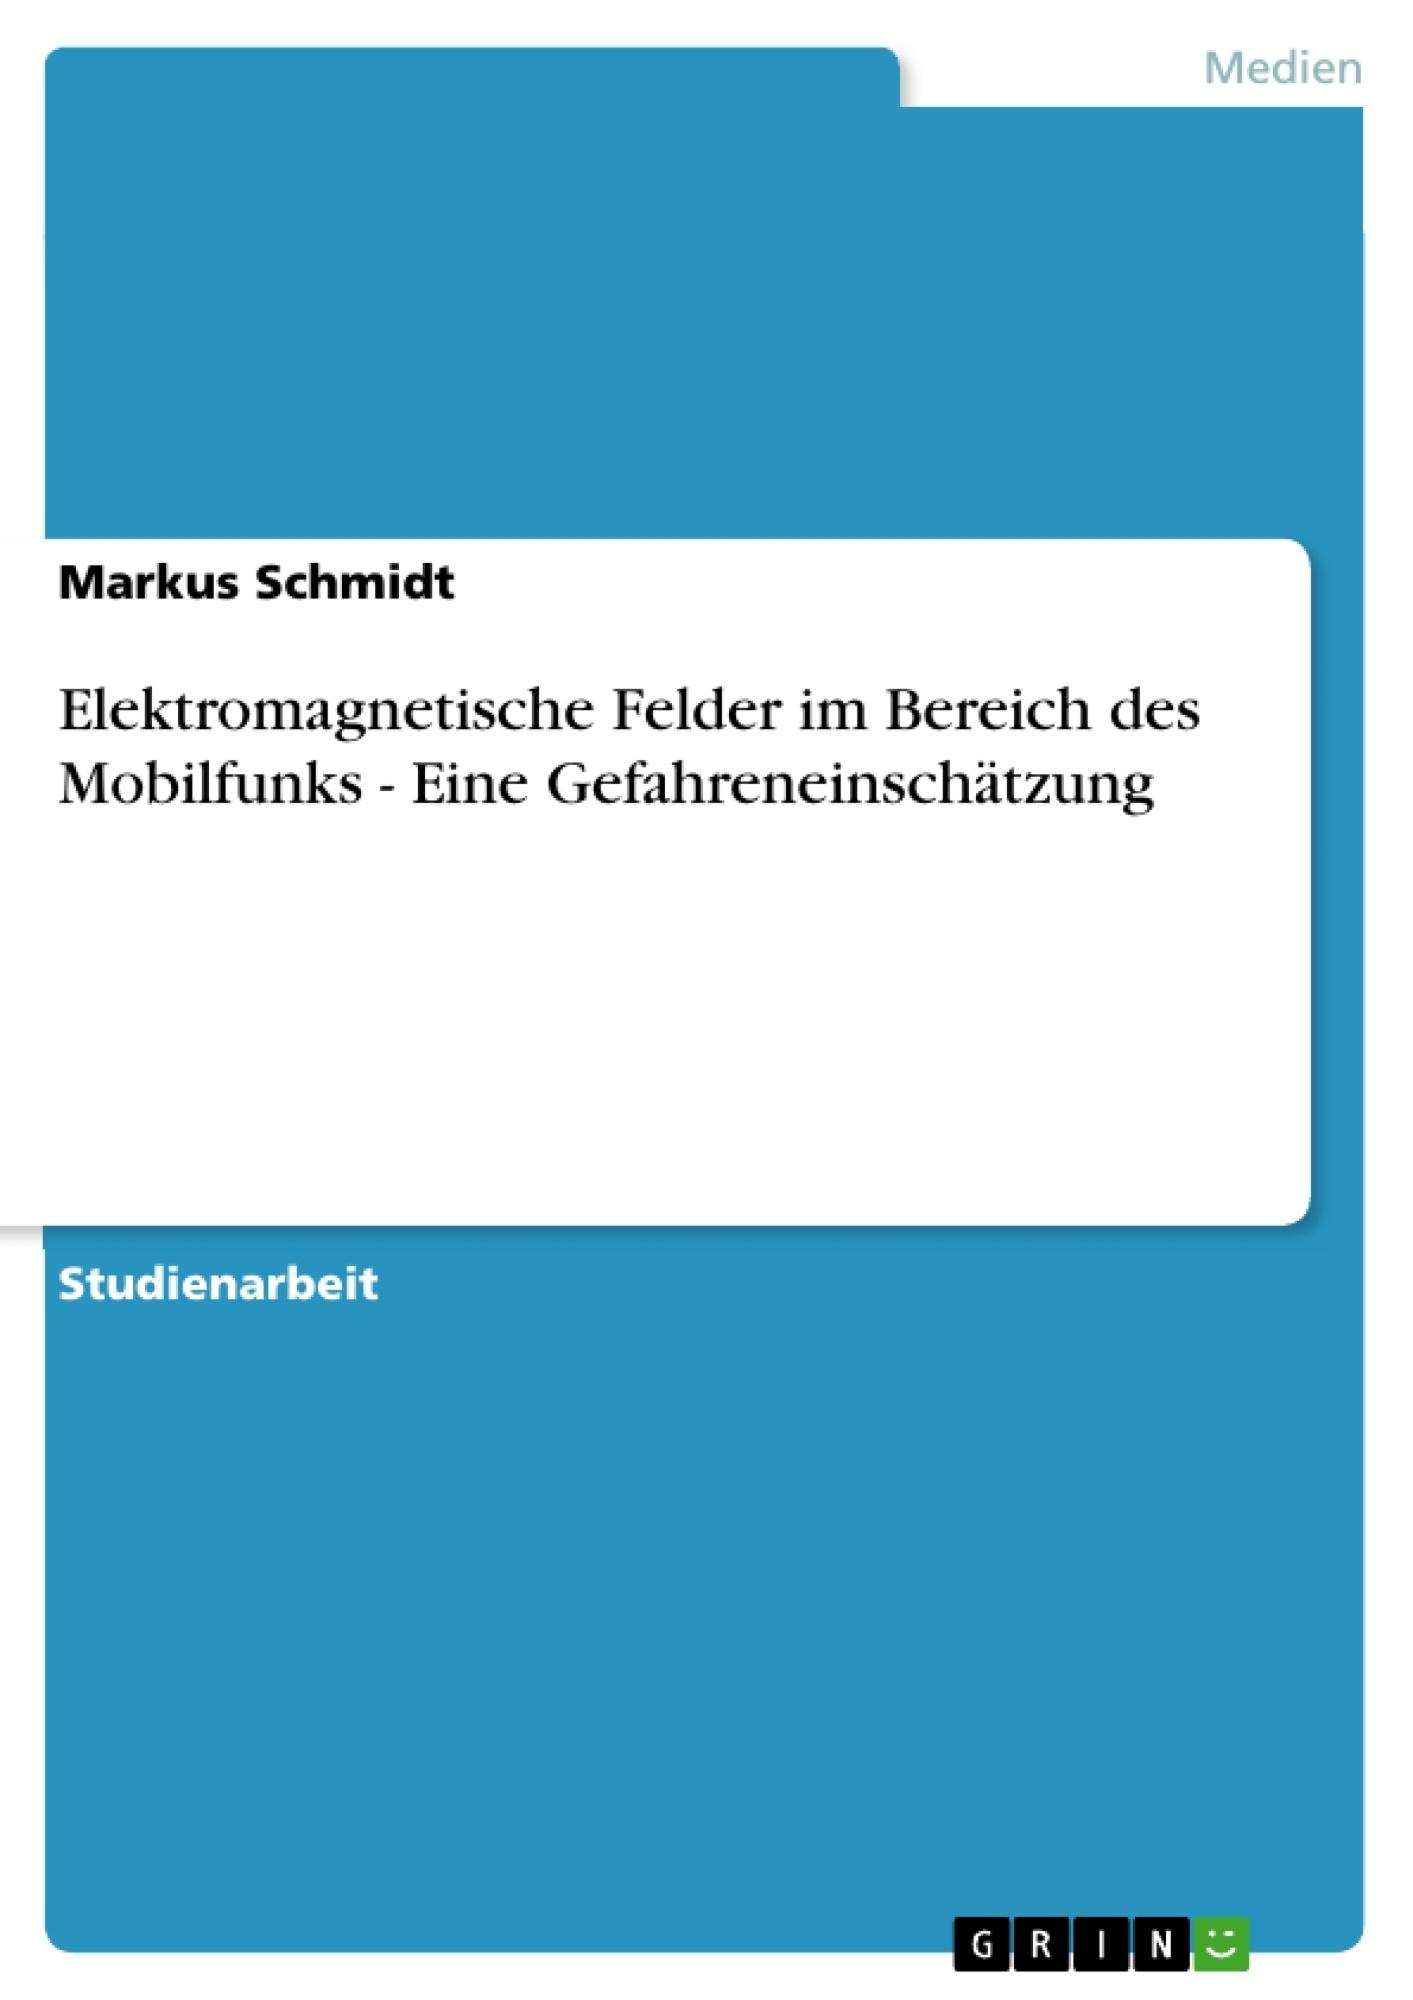 Titel: Elektromagnetische Felder im Bereich des Mobilfunks - Eine Gefahreneinschätzung